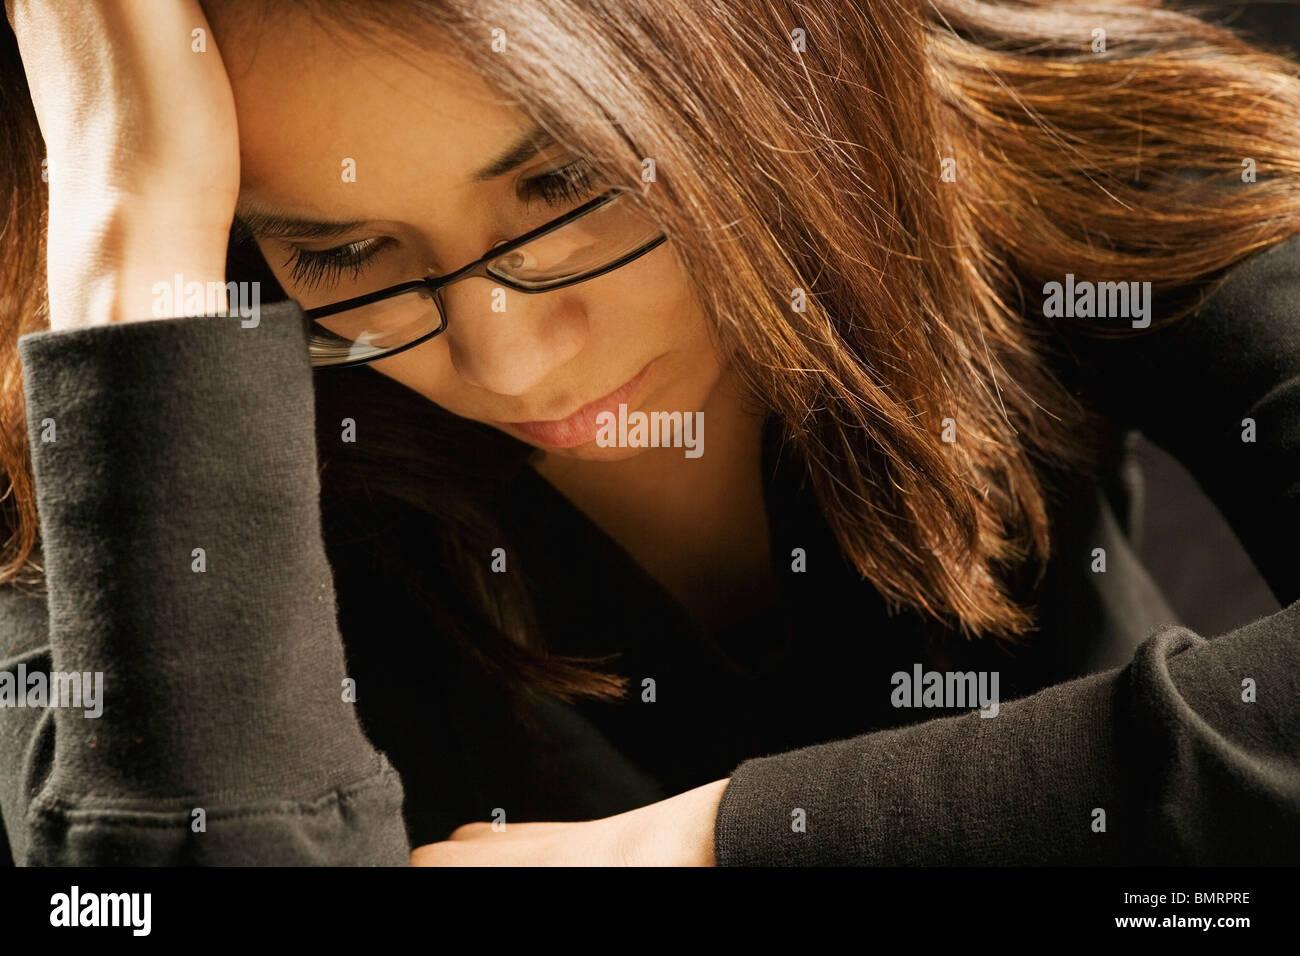 Una joven mujer mirando triste Imagen De Stock